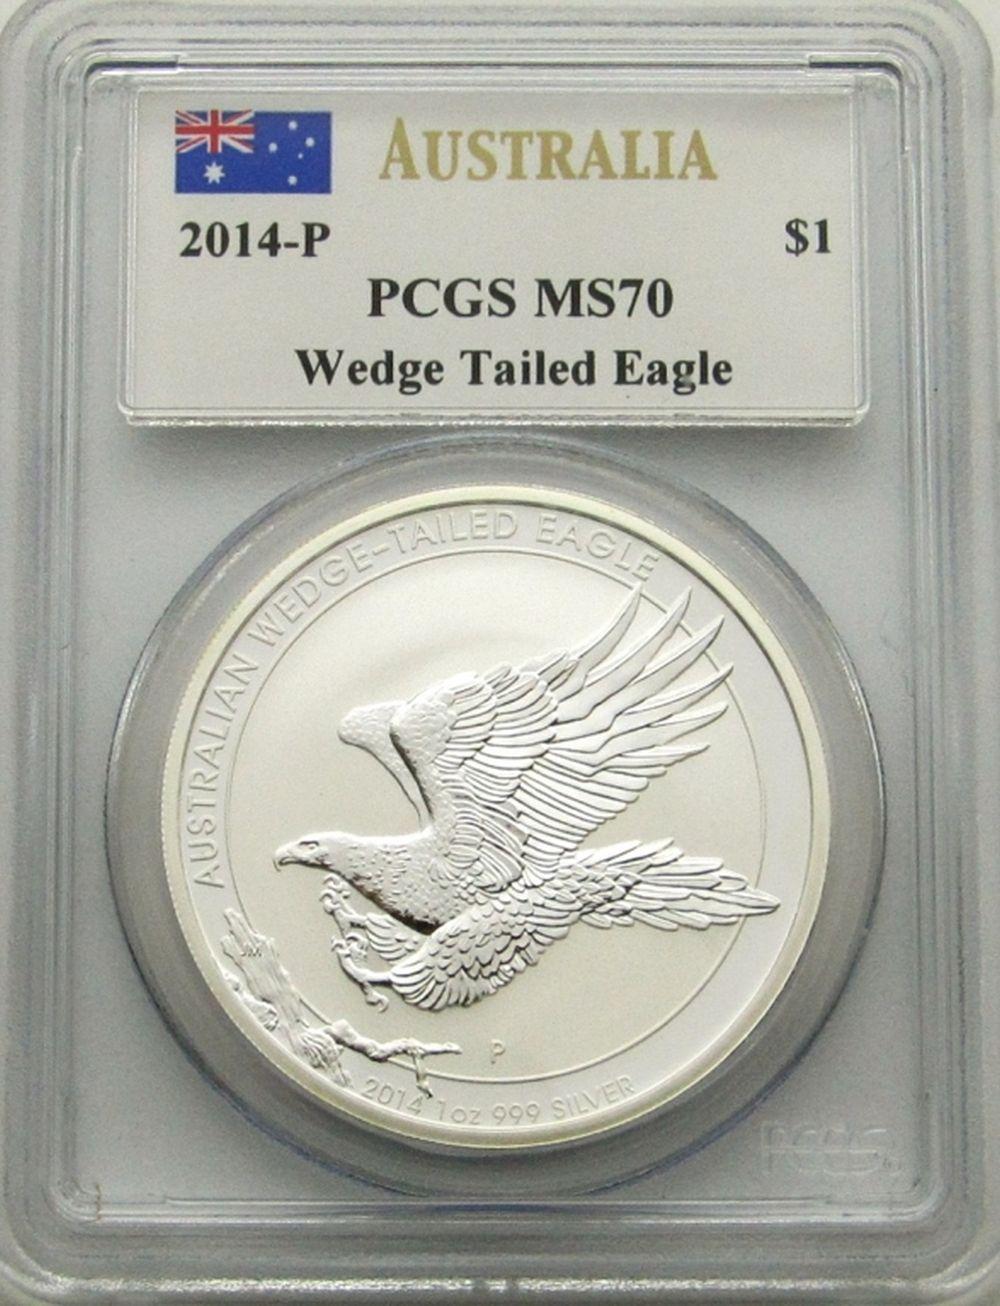 2014-P AUSTRAILIA WEDGE TAILED EAGLE